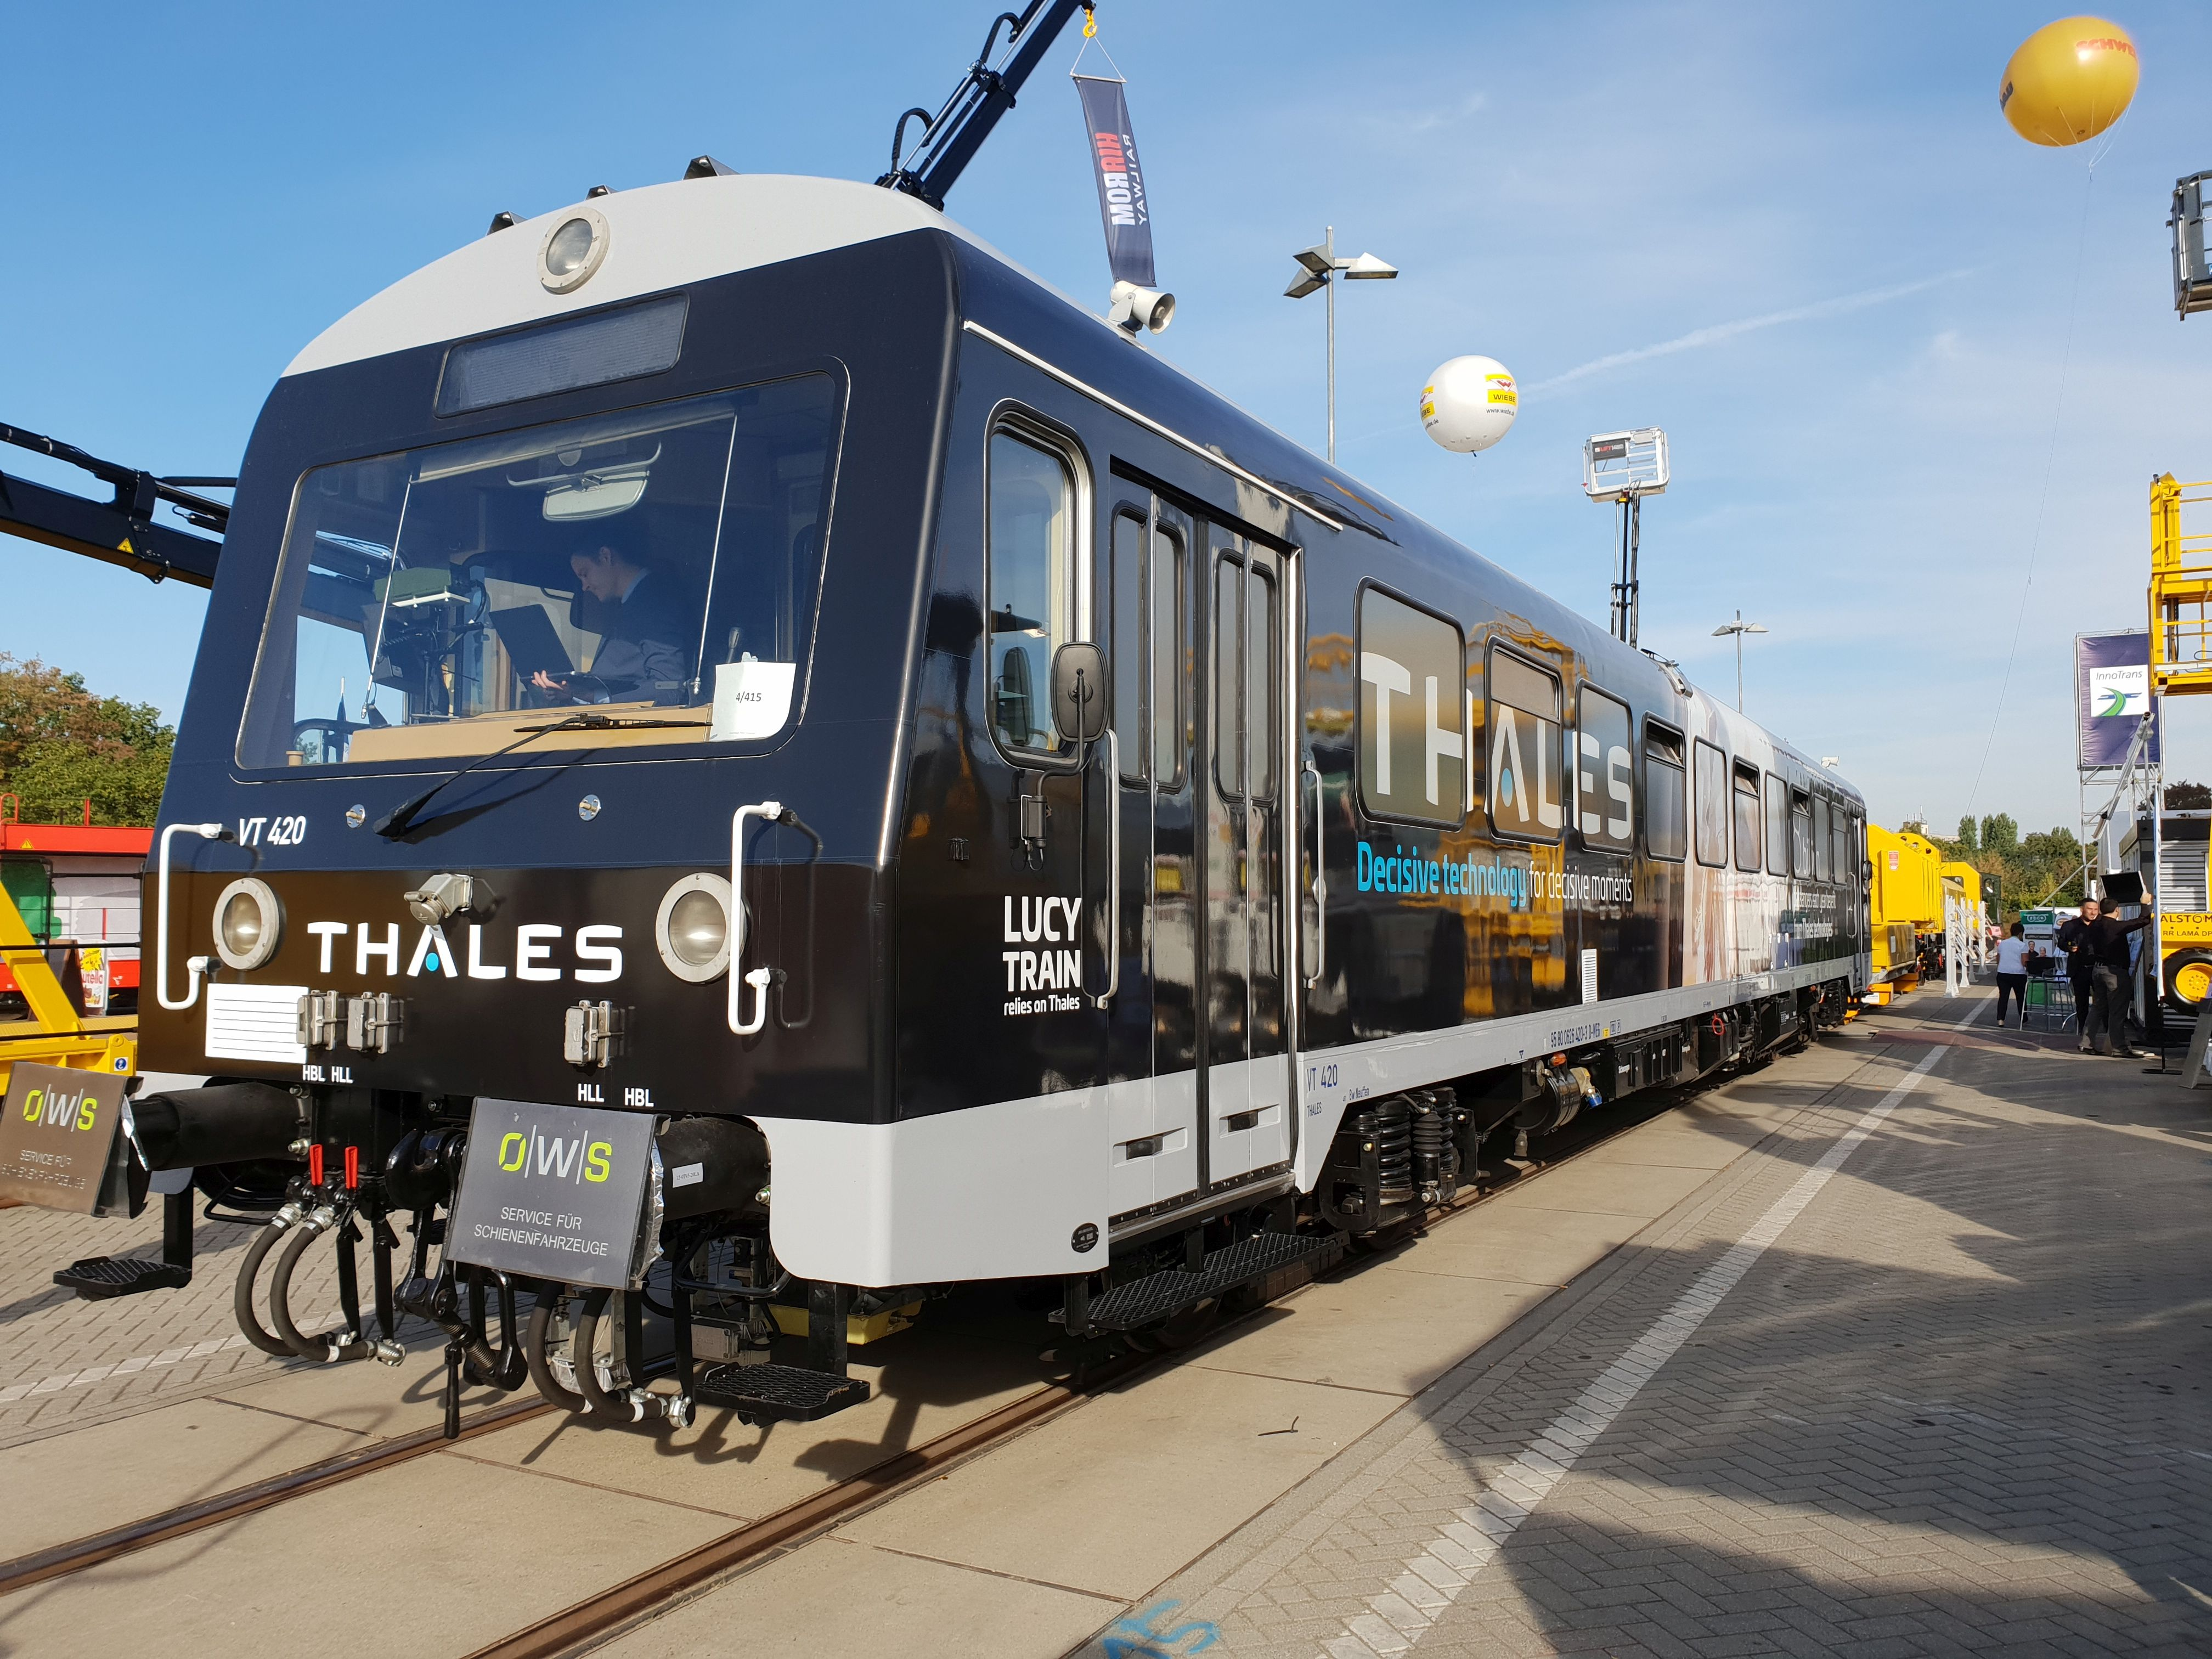 """Foto: 626 420 """"Lucy Train"""" von Thales auf der Berliner Innotrans 2018"""